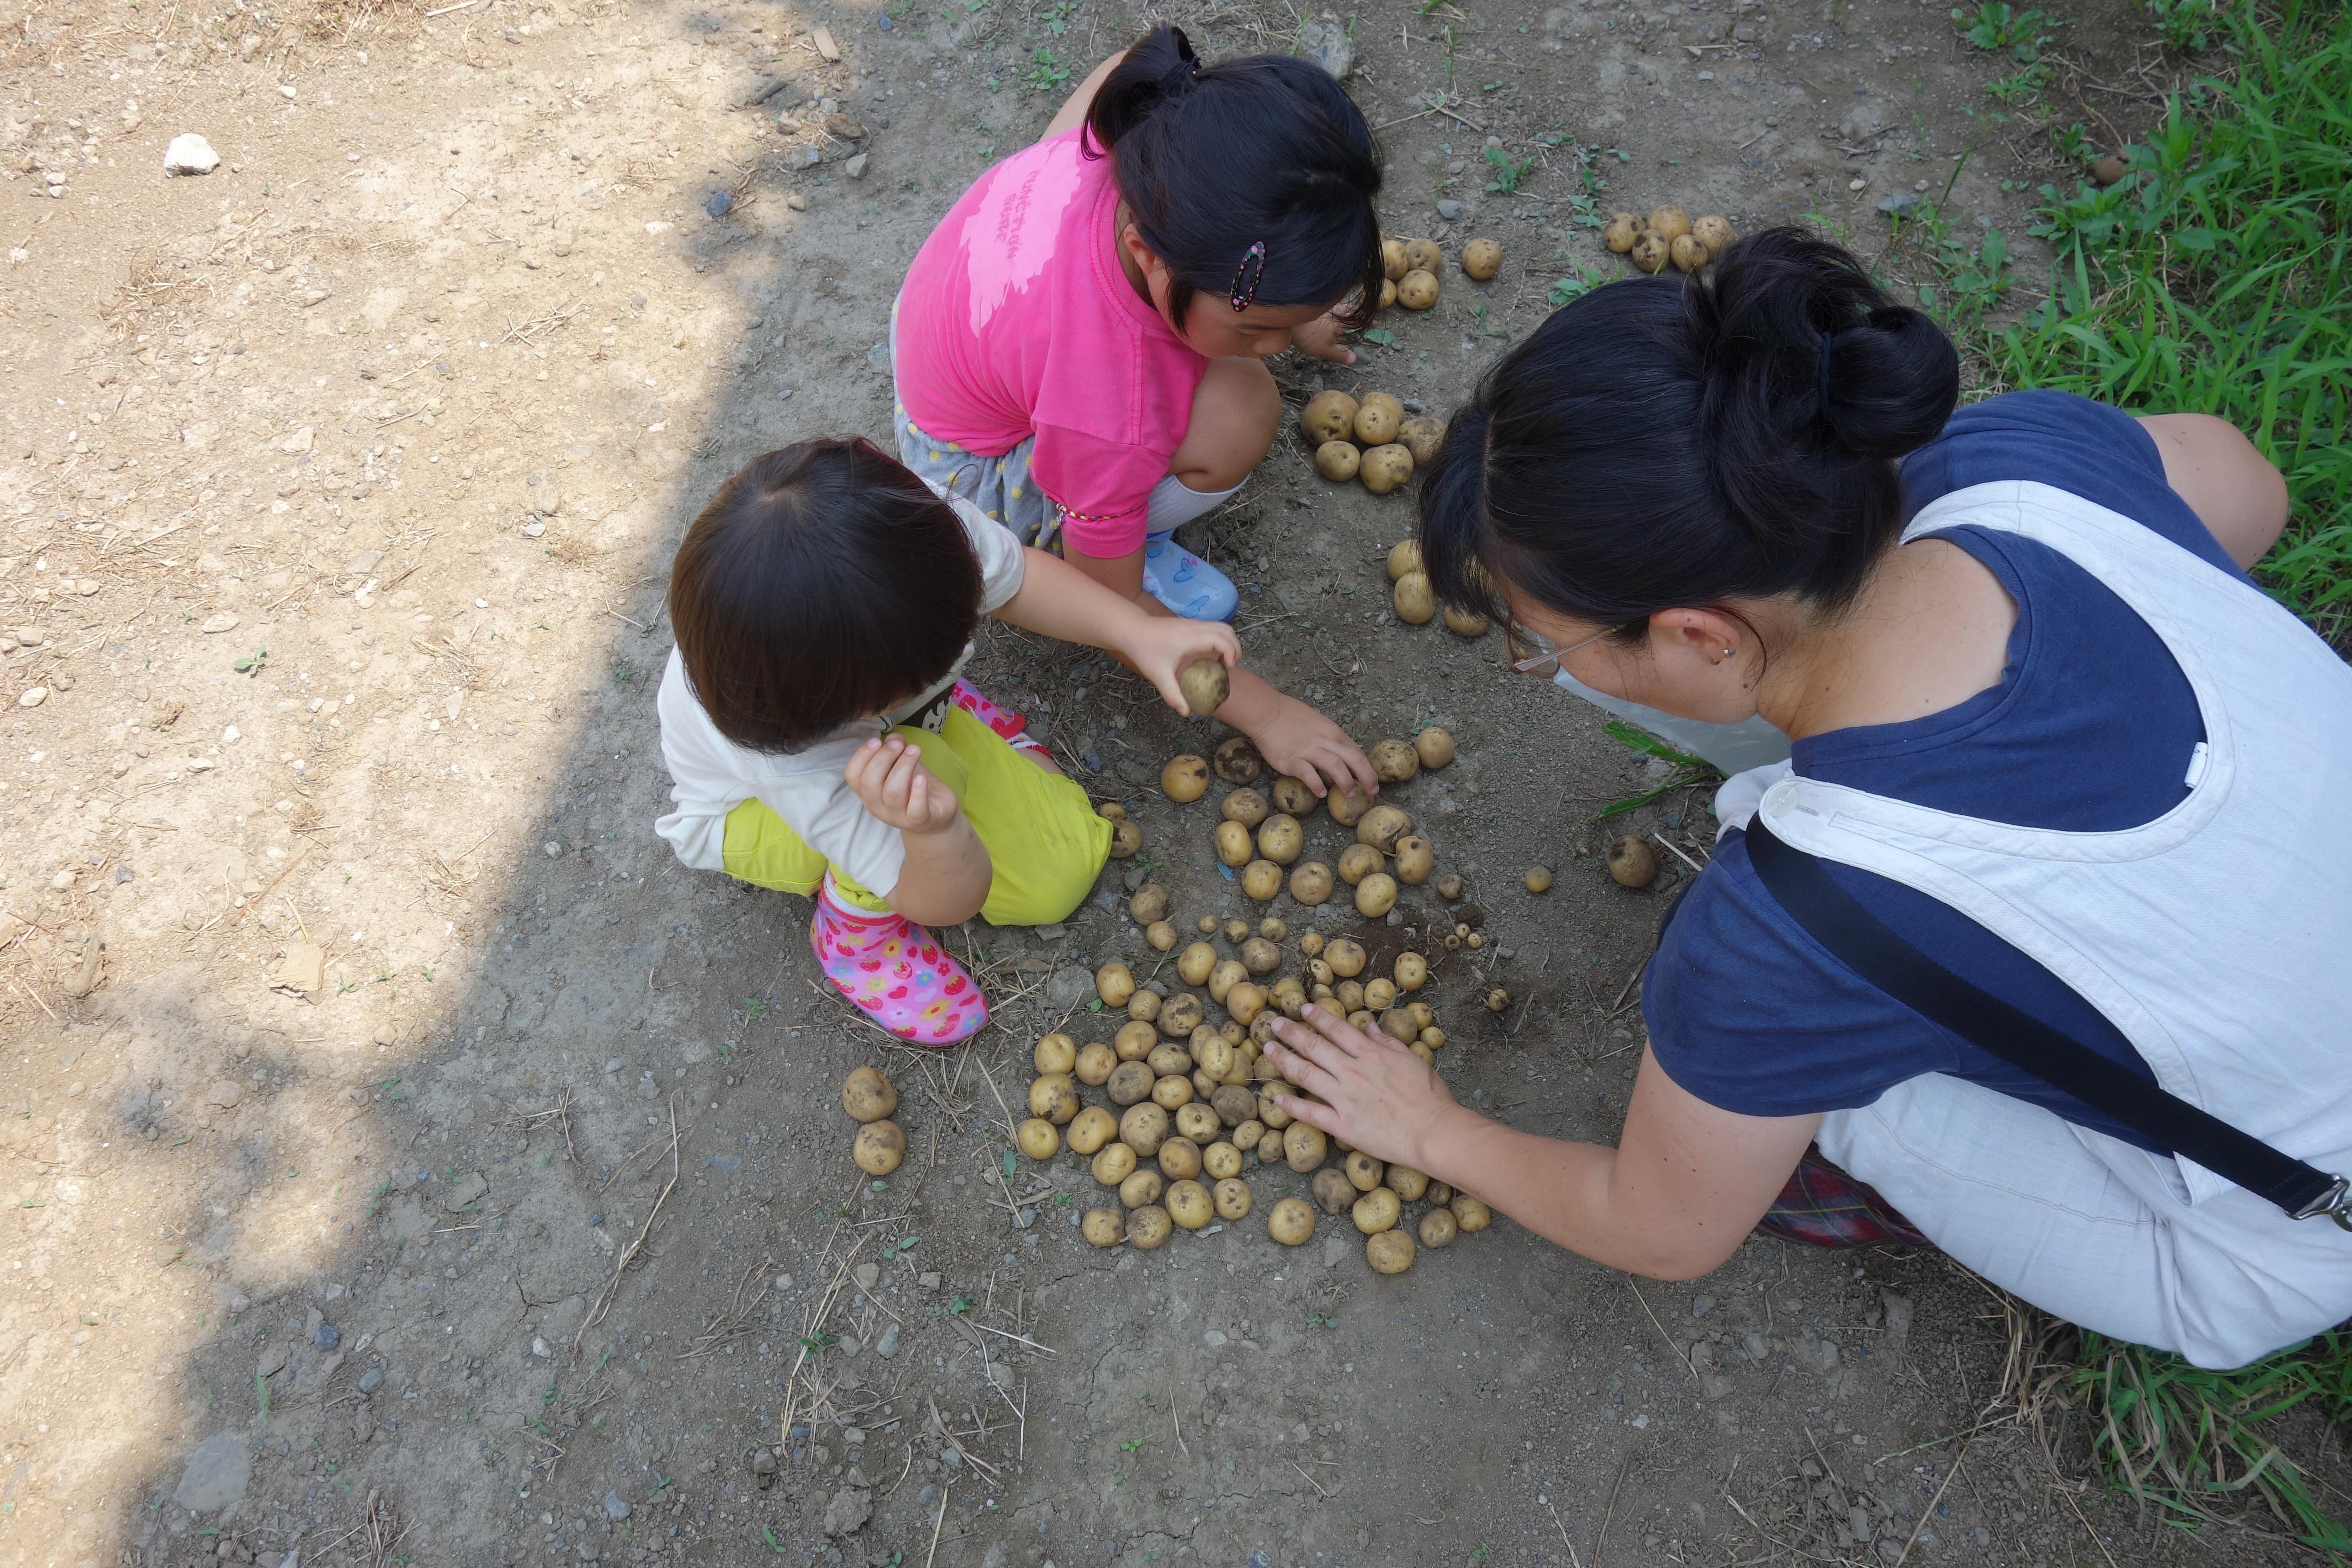 【単発】6/14(日)じゃがいもの収穫祭とさつまいもの植付[さいたま市・農業体験]のイメージその4